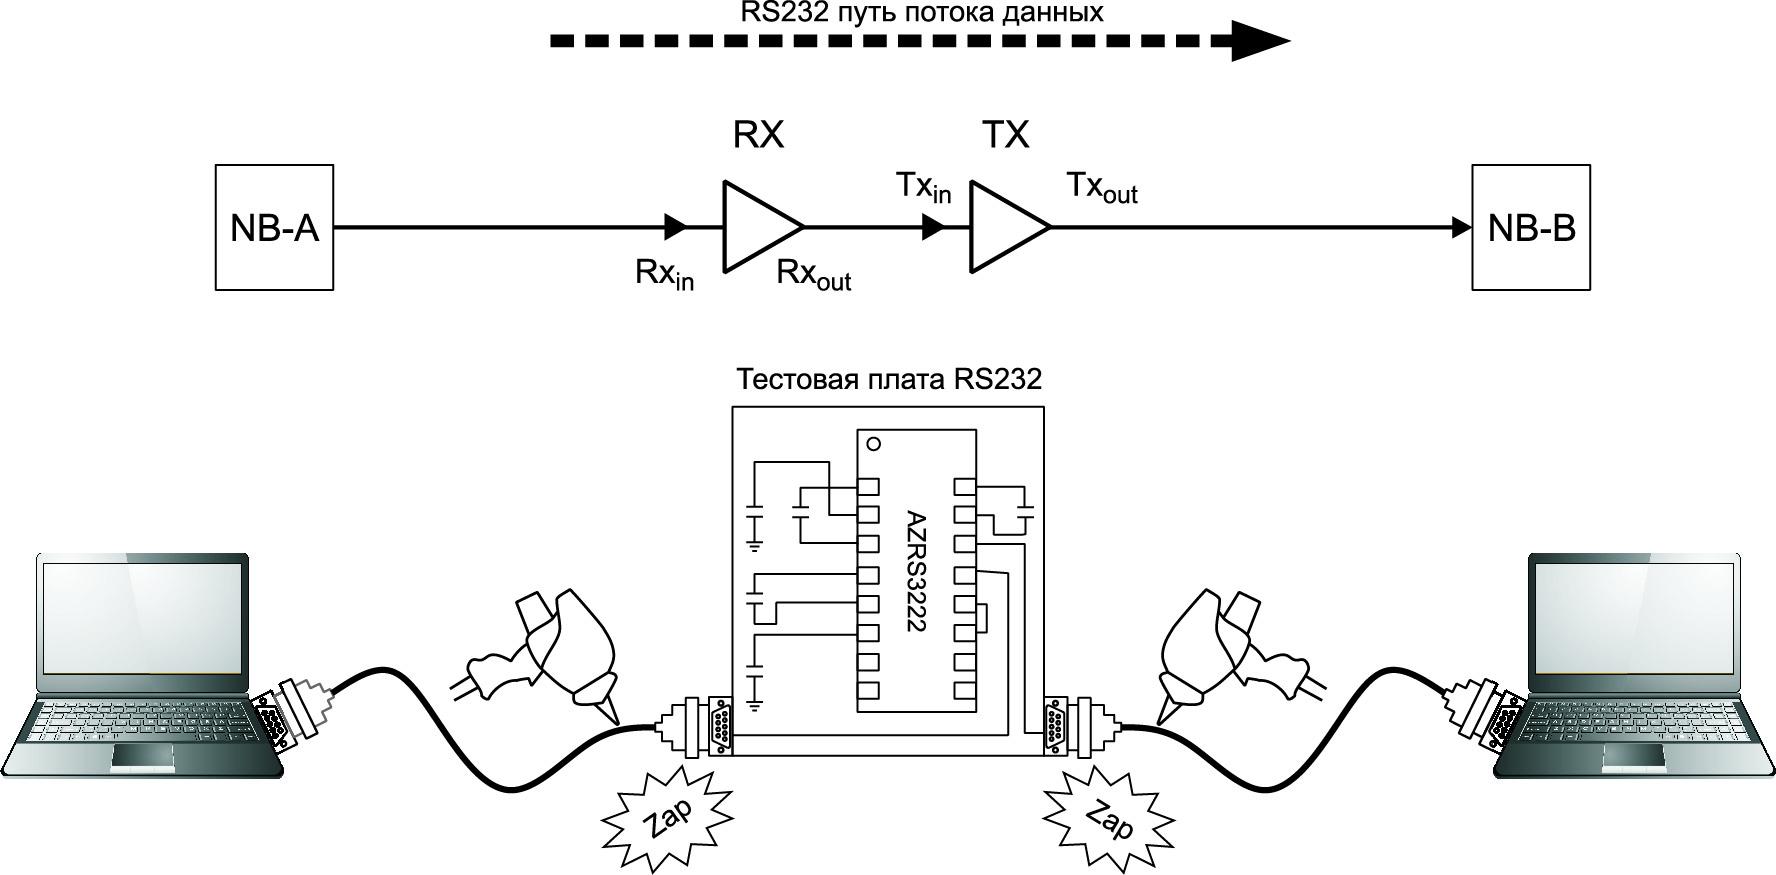 Экспериментальная установка RS 232 приемопередатчика на ИС со встроенными TVS-диодами в системе NB